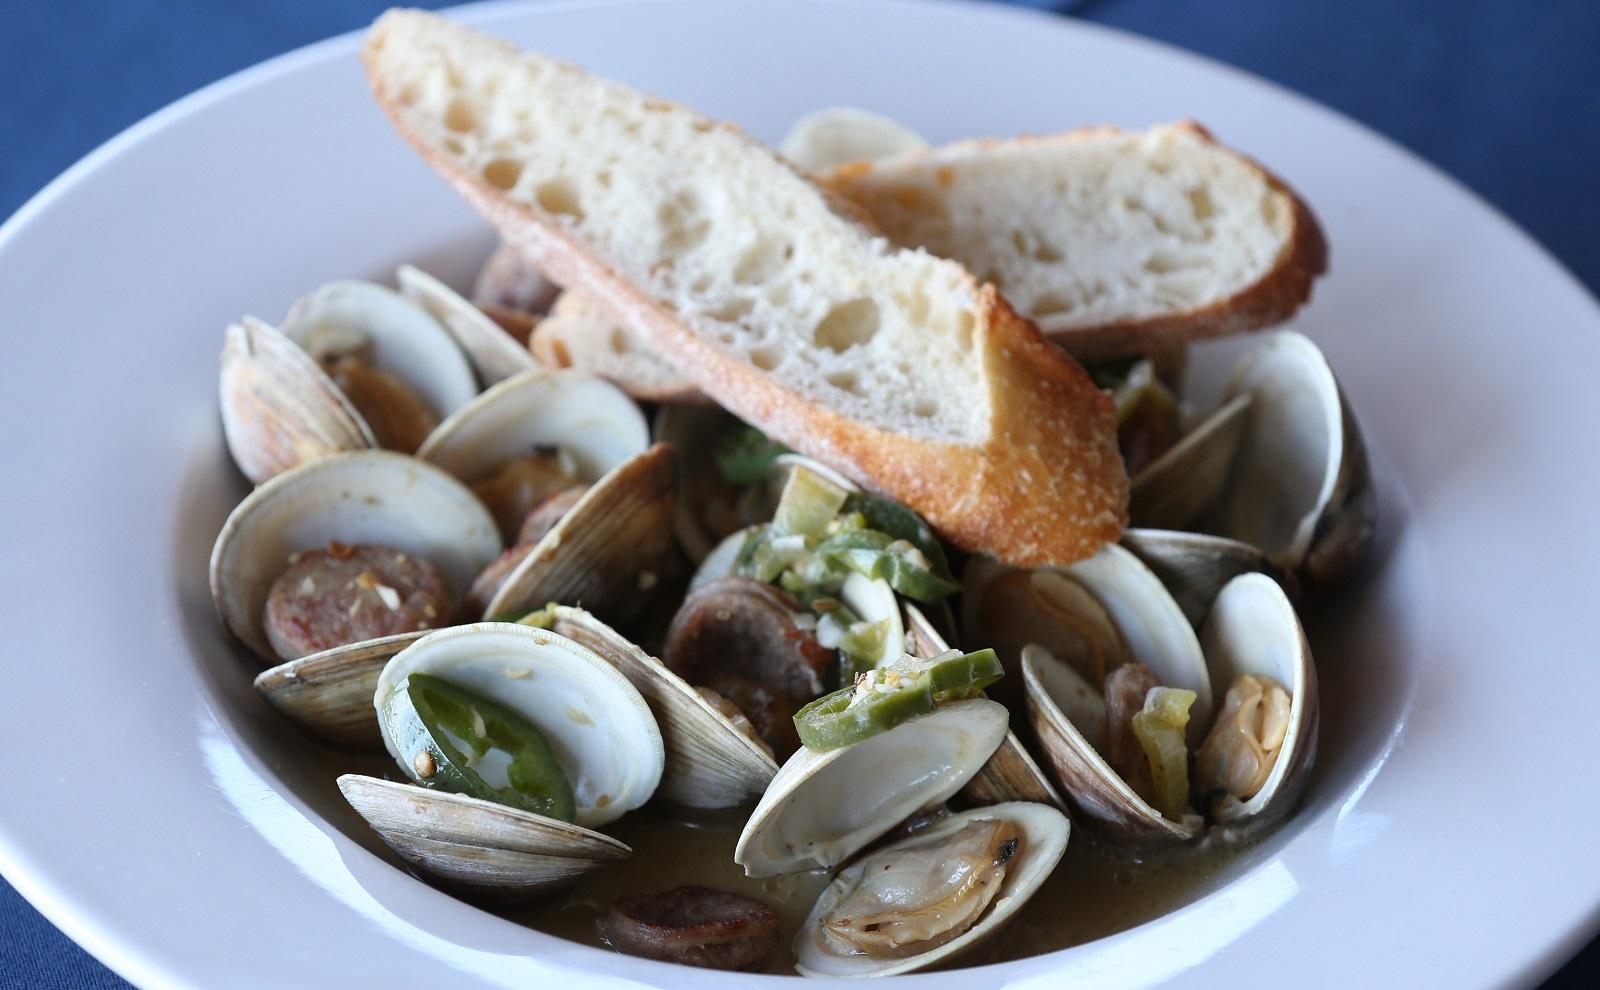 Littleneck clams from Public House on the Lake. (Sharon Cantillon/Buffalo News)